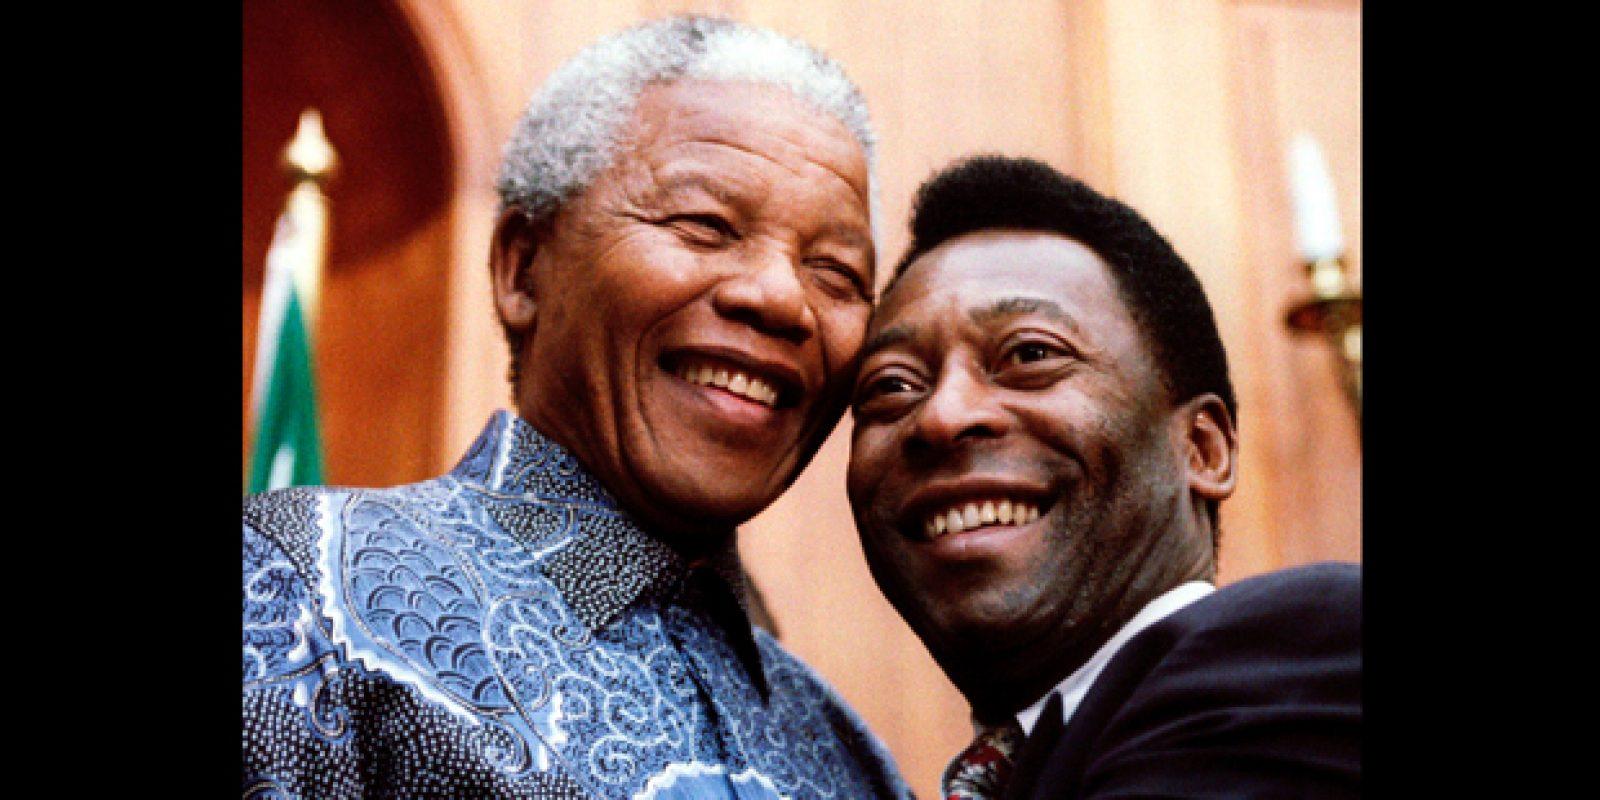 O então presidente sul-africano Nelson Mandela com Pelé, na época ministro dos Esportes, em março de 1995, em Pretoria | Juda Ngwenya/Reuters